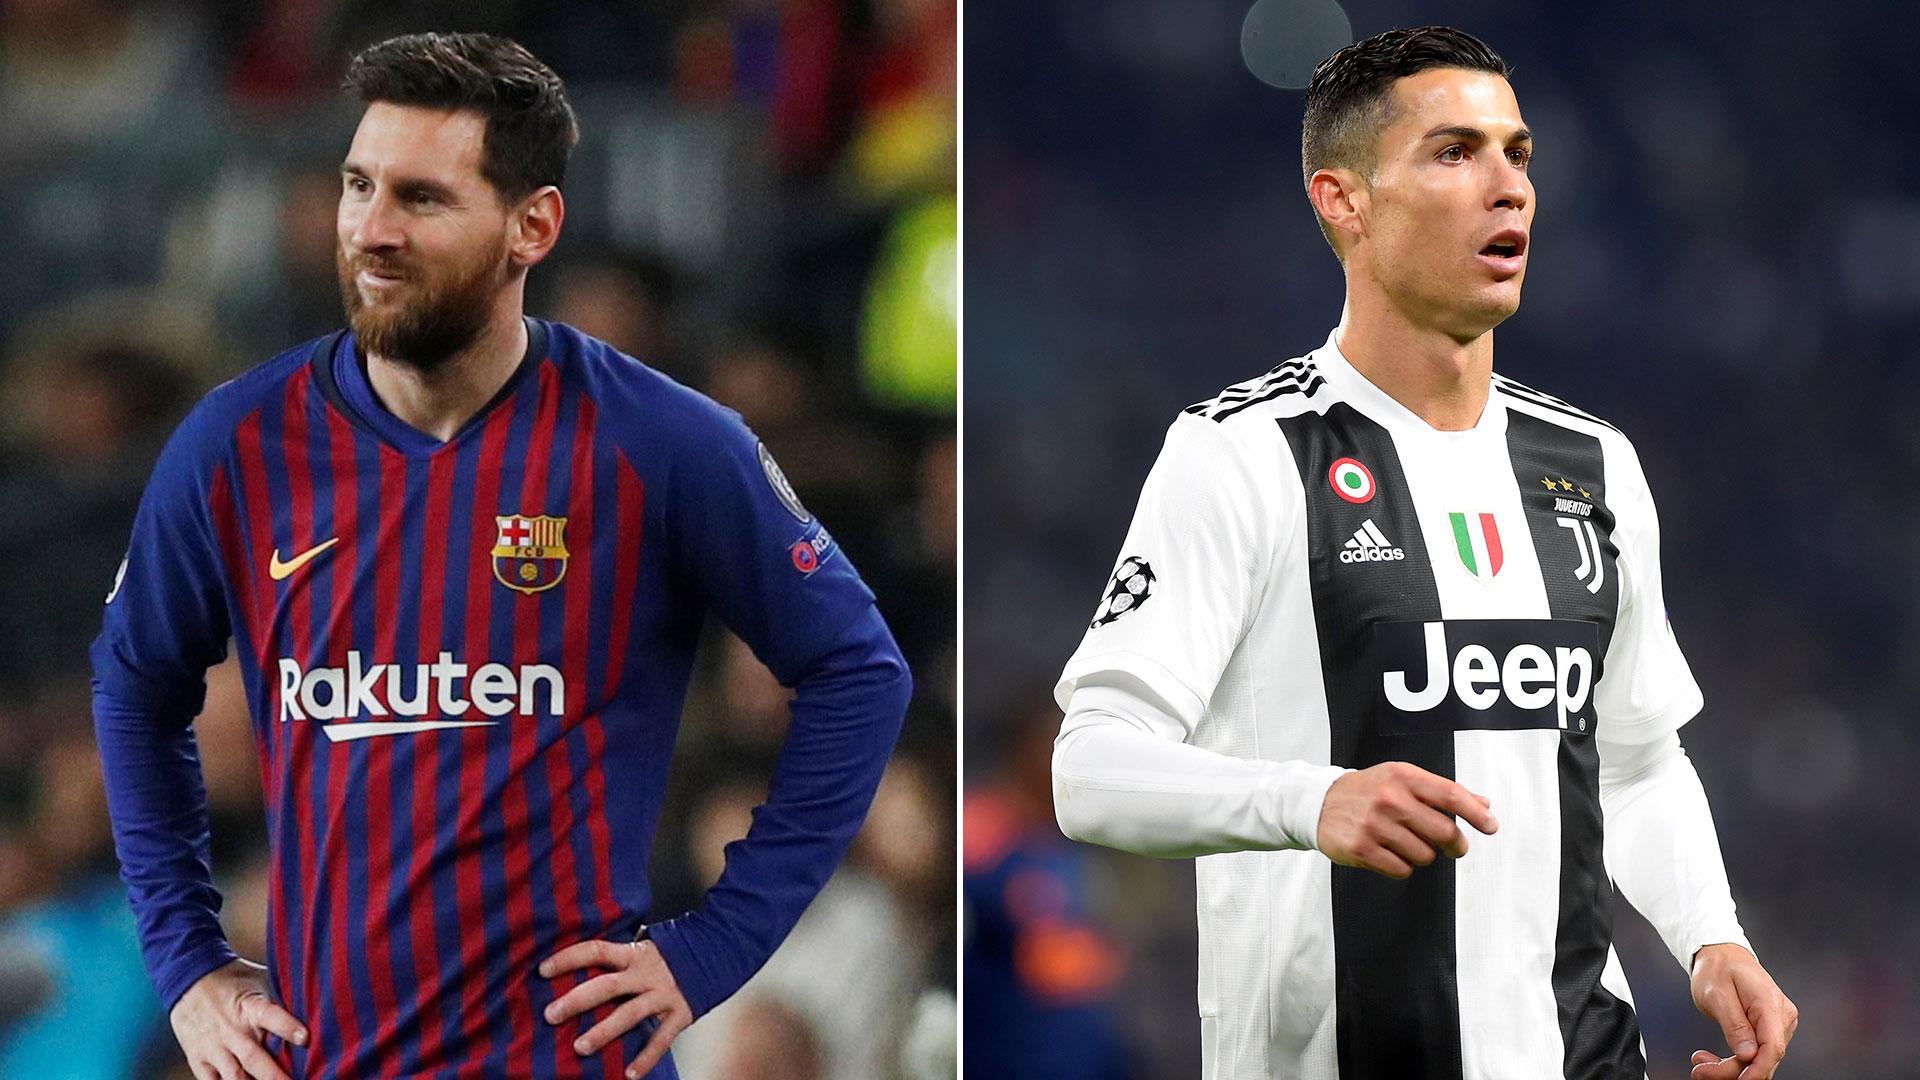 Los medios y la gente han hecho una eterna comparación entre Lionel Messi y Cristiano Ronaldo (Foto: Archivo)